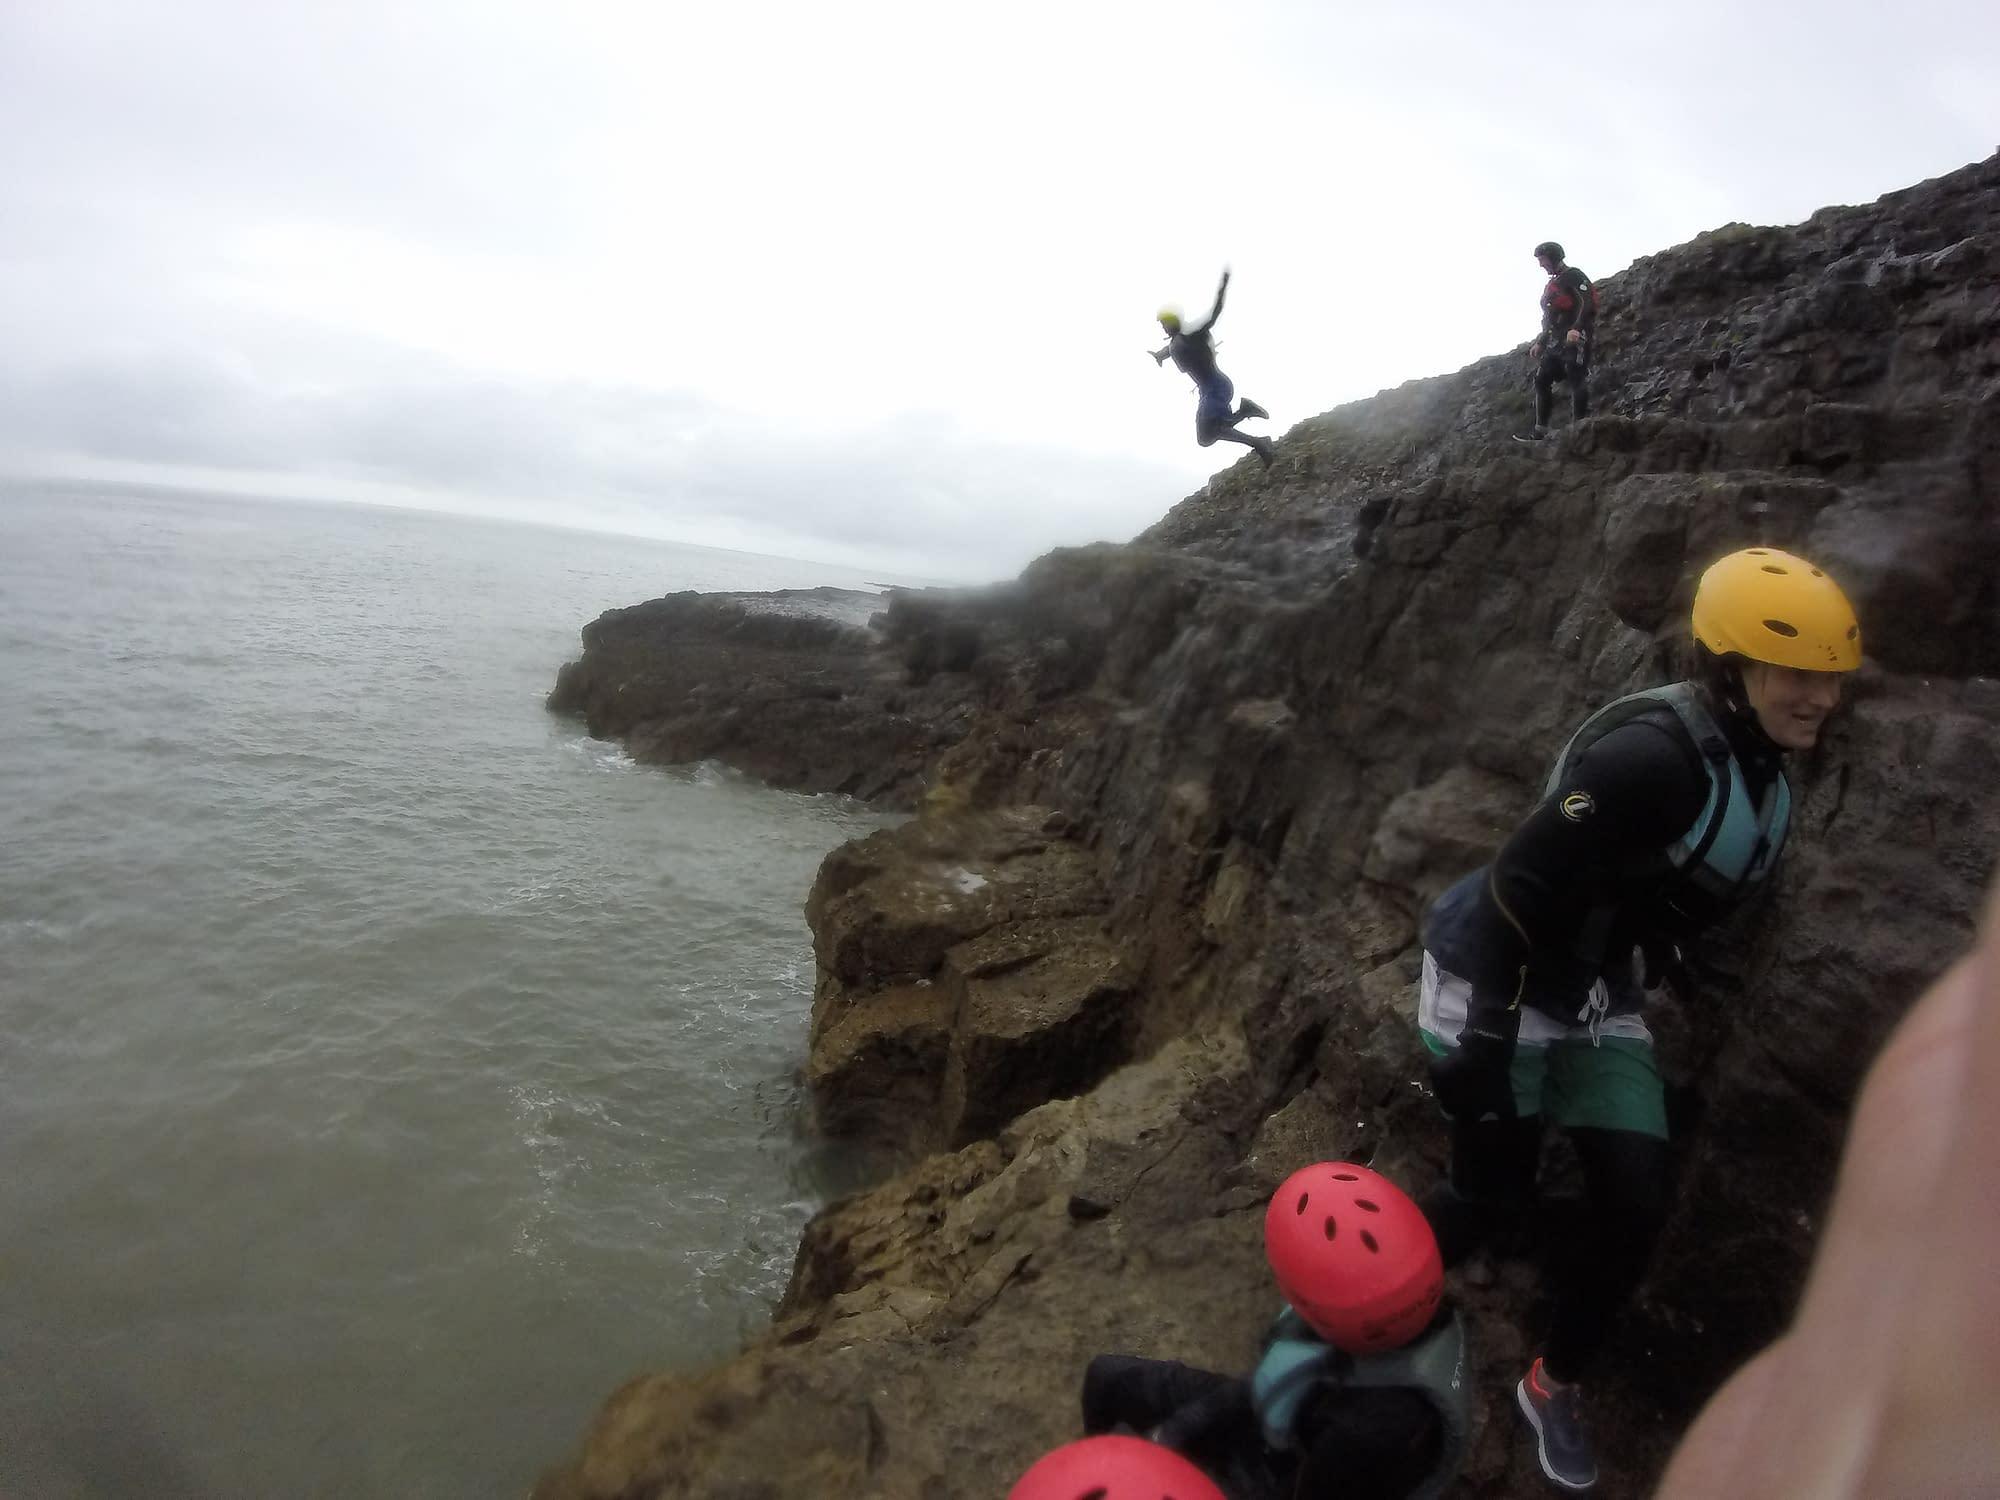 Leap of faith on the South Wales coast near Swansea